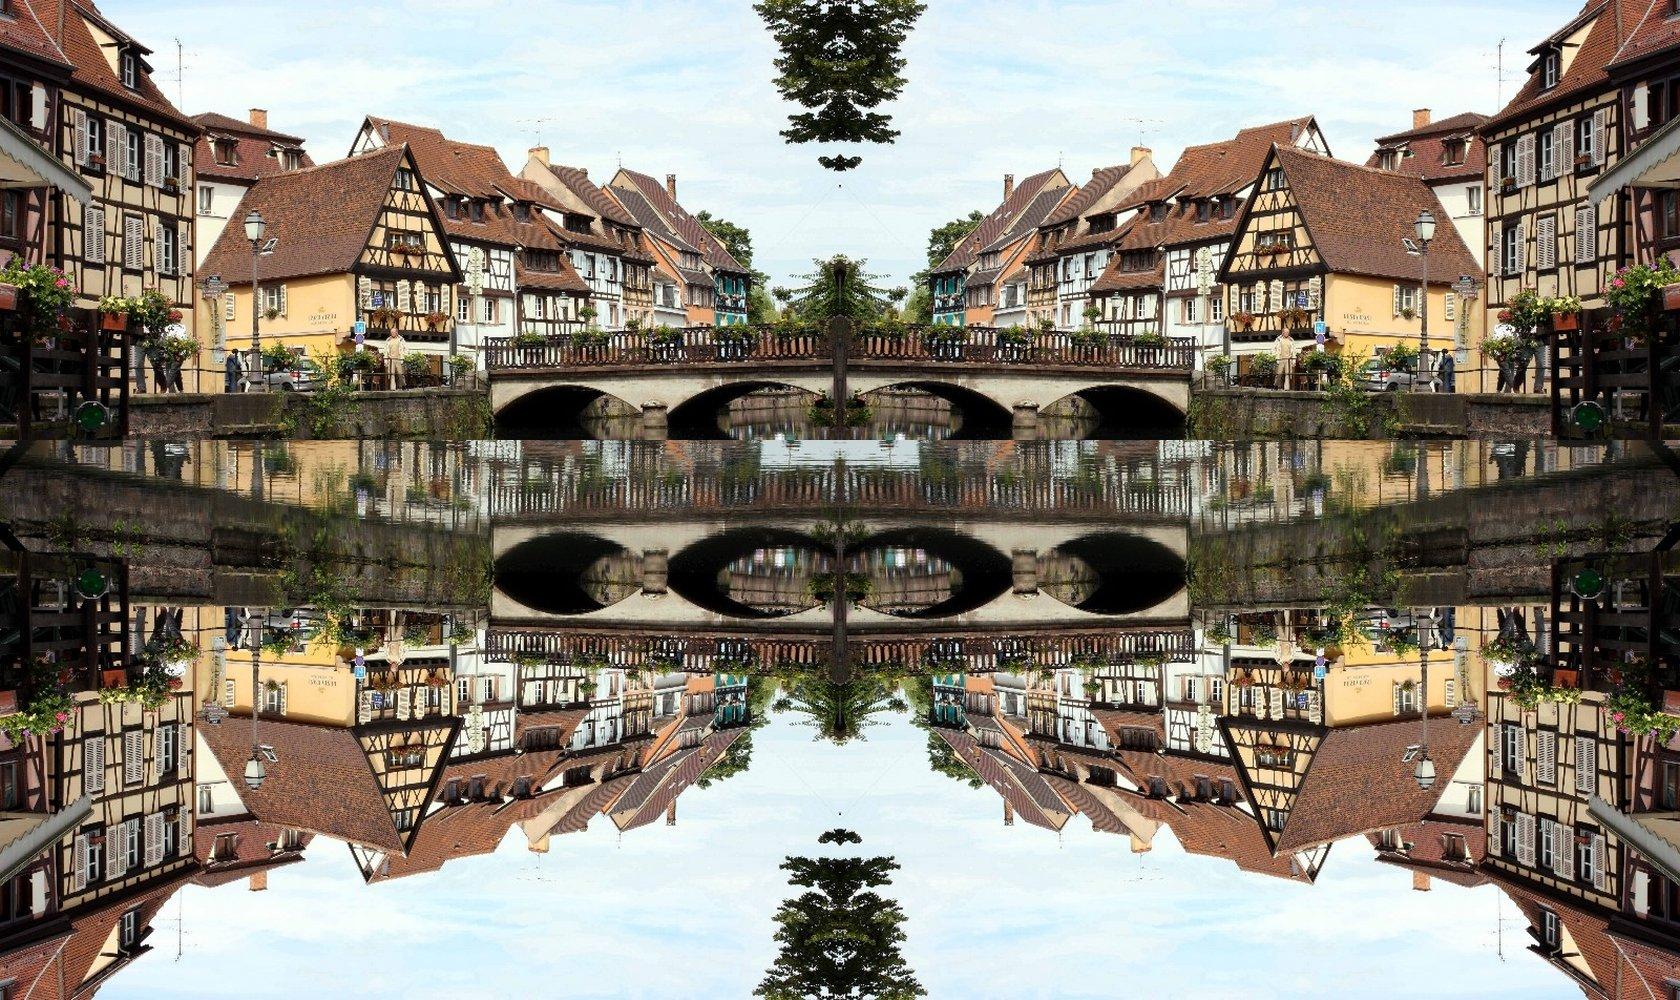 http://moniquebeauchamp.org/img4/fond-bricoleur-1680-1000.jpg